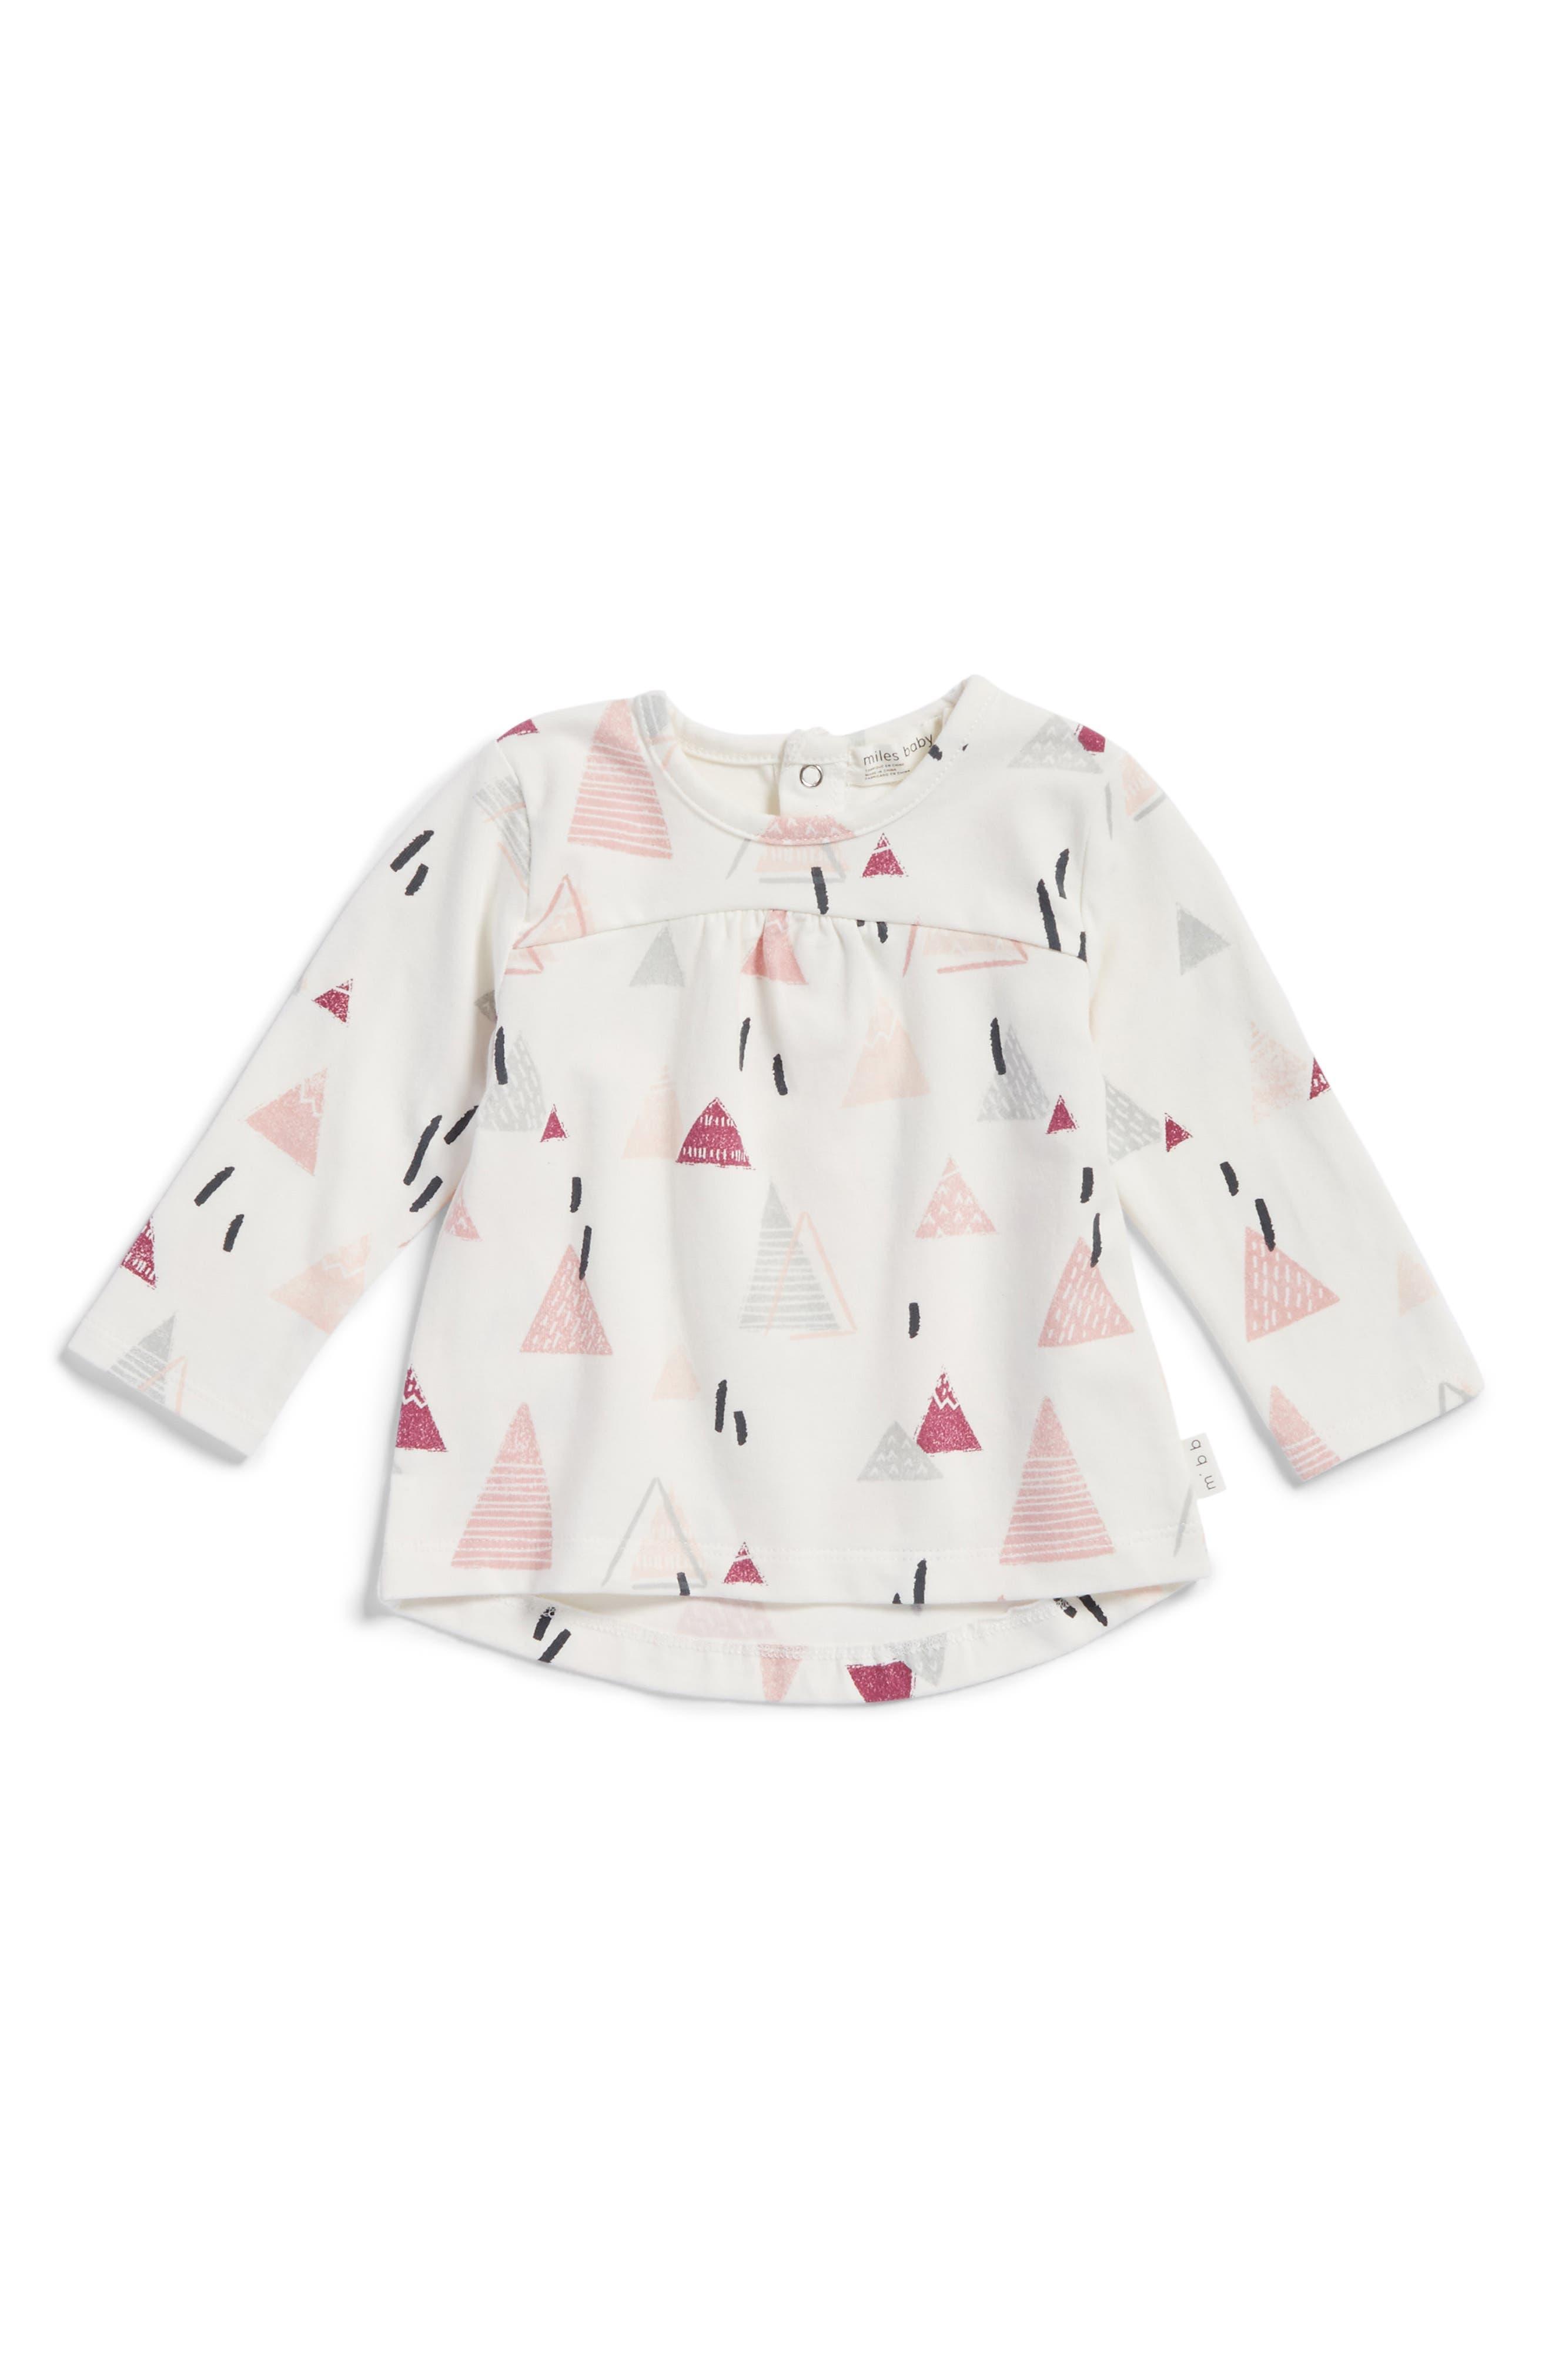 Miles Baby Geometric Print Shirt (Baby Girls)